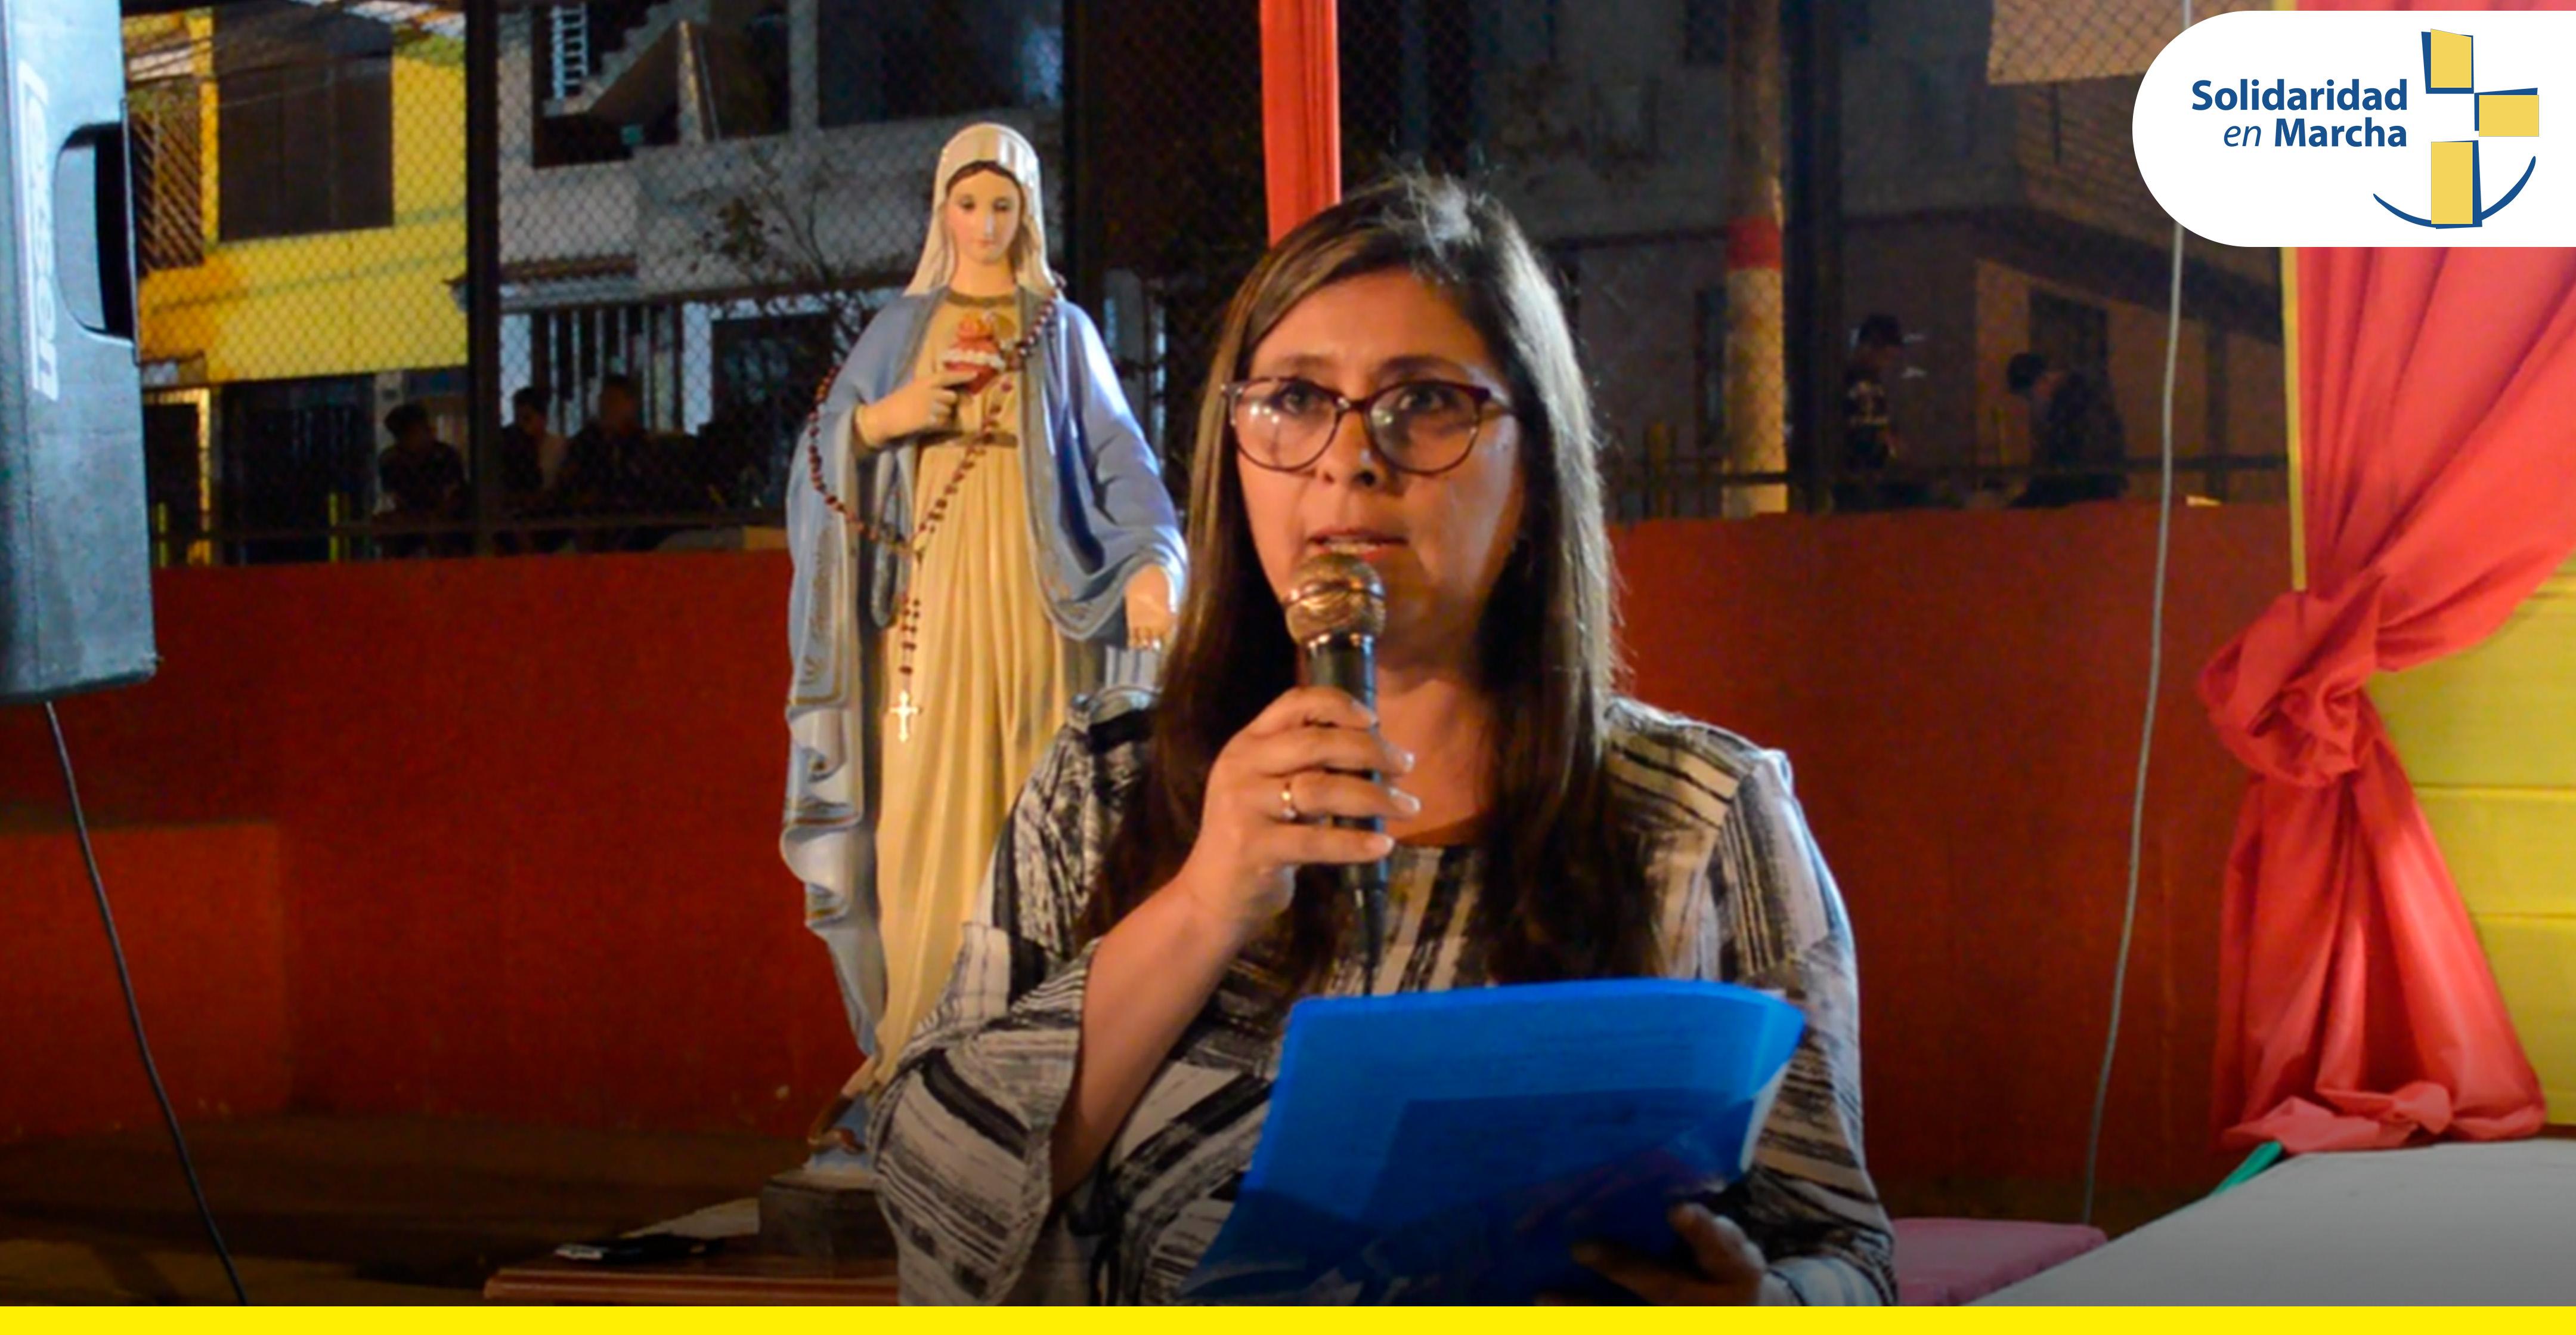 Palabras de fin de año de Katya Alva, directora ejecutiva de Solidaridad en Marcha